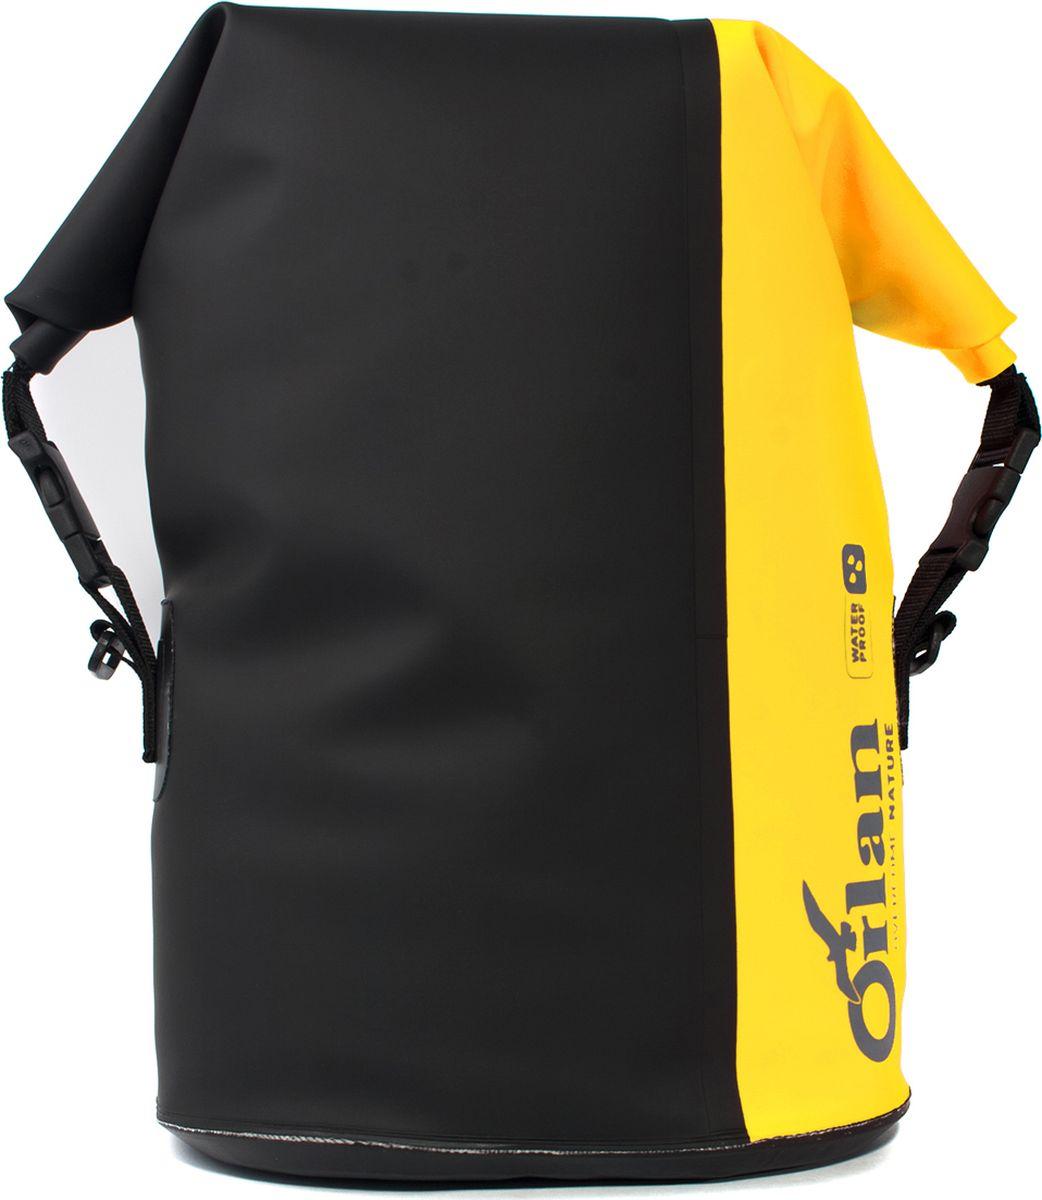 Сумка велосипедная Orlan Экстрим, герметичная, цвет: желтый, 30 л сумка велосипедная orlan экстрим герметичная цвет желтый 30 л